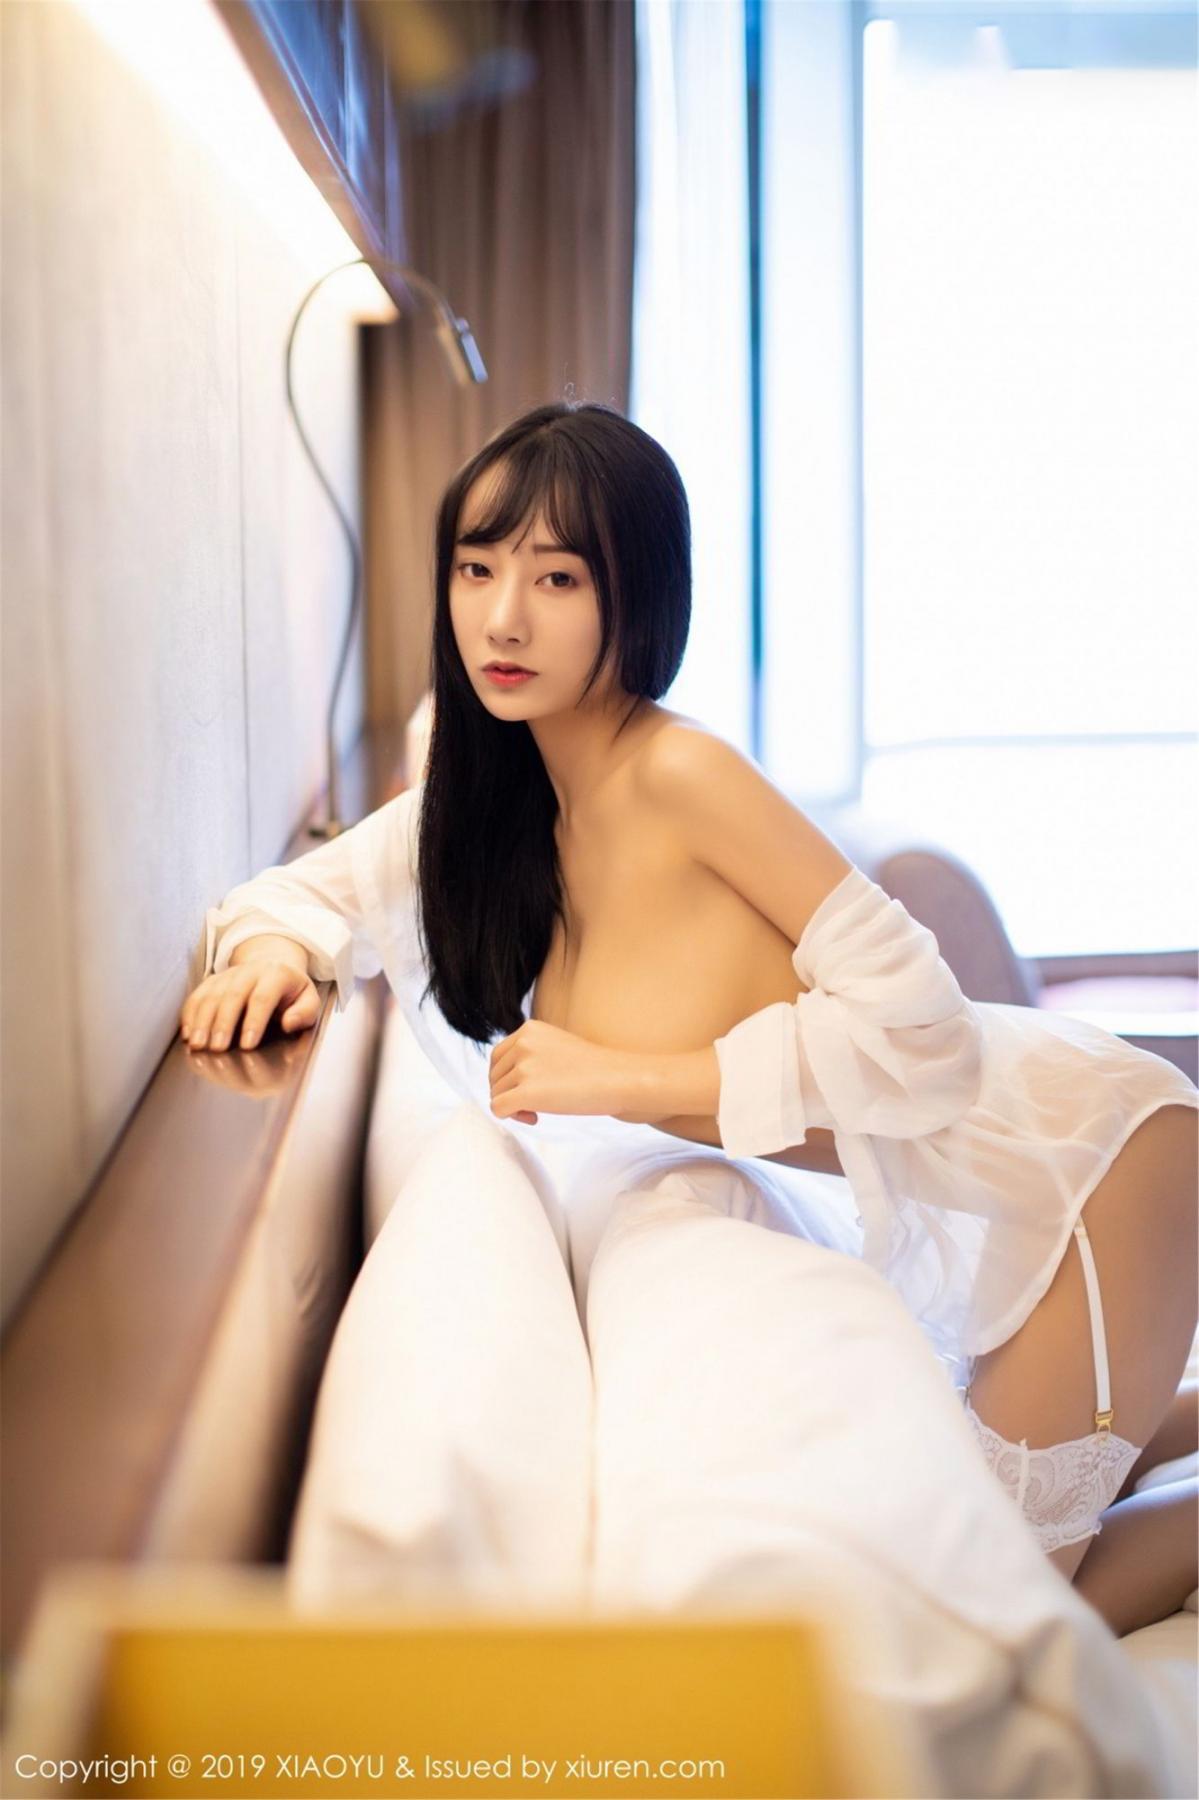 [XiaoYu] Vol.076 He Jia Ying 60P, He Jia Ying, Underwear, XiaoYu